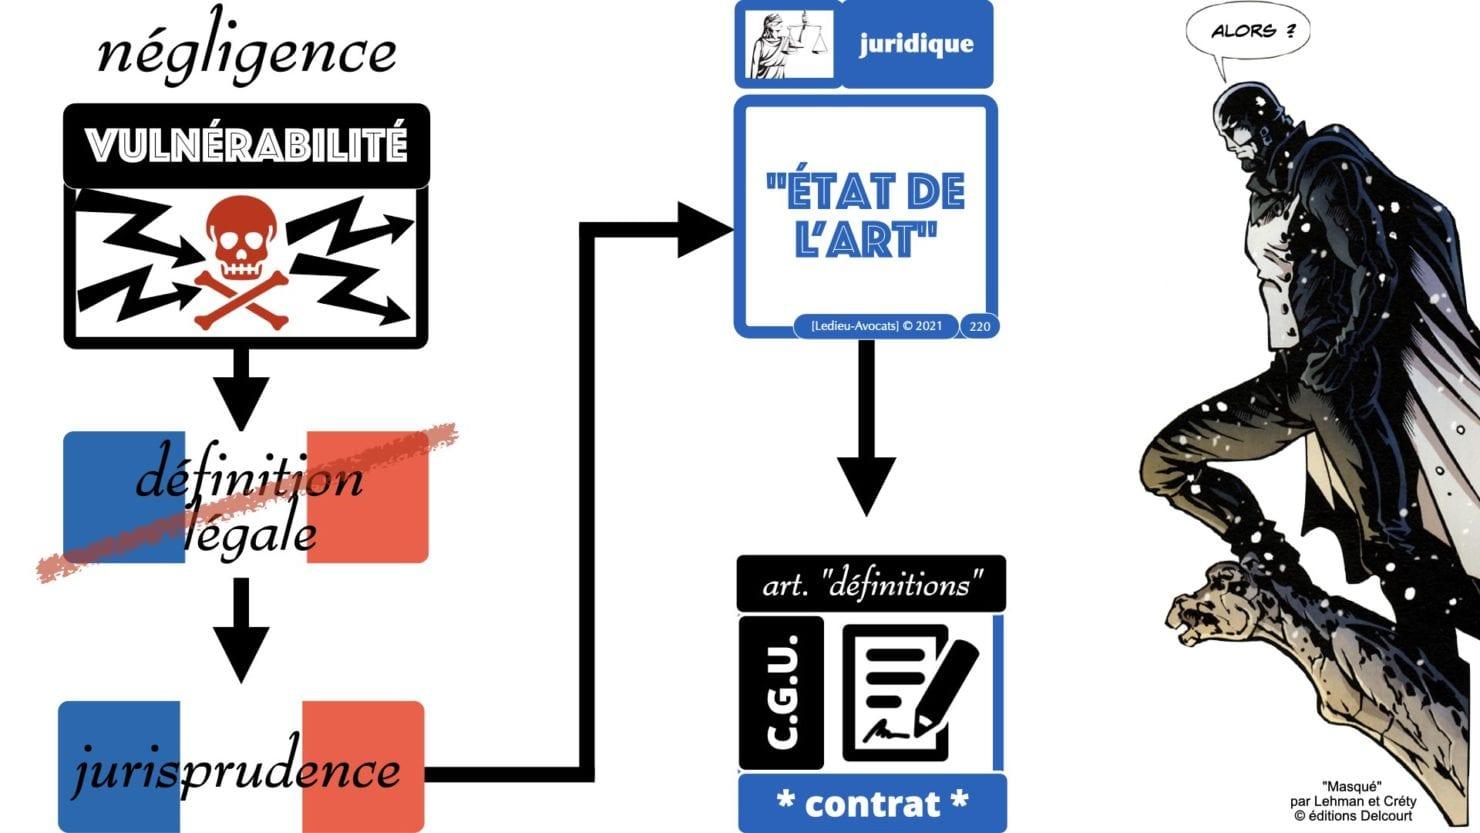 333 CYBER ATTAQUE responsabilité pénale civile contrat © Ledieu-Avocats 23-05-2021.220